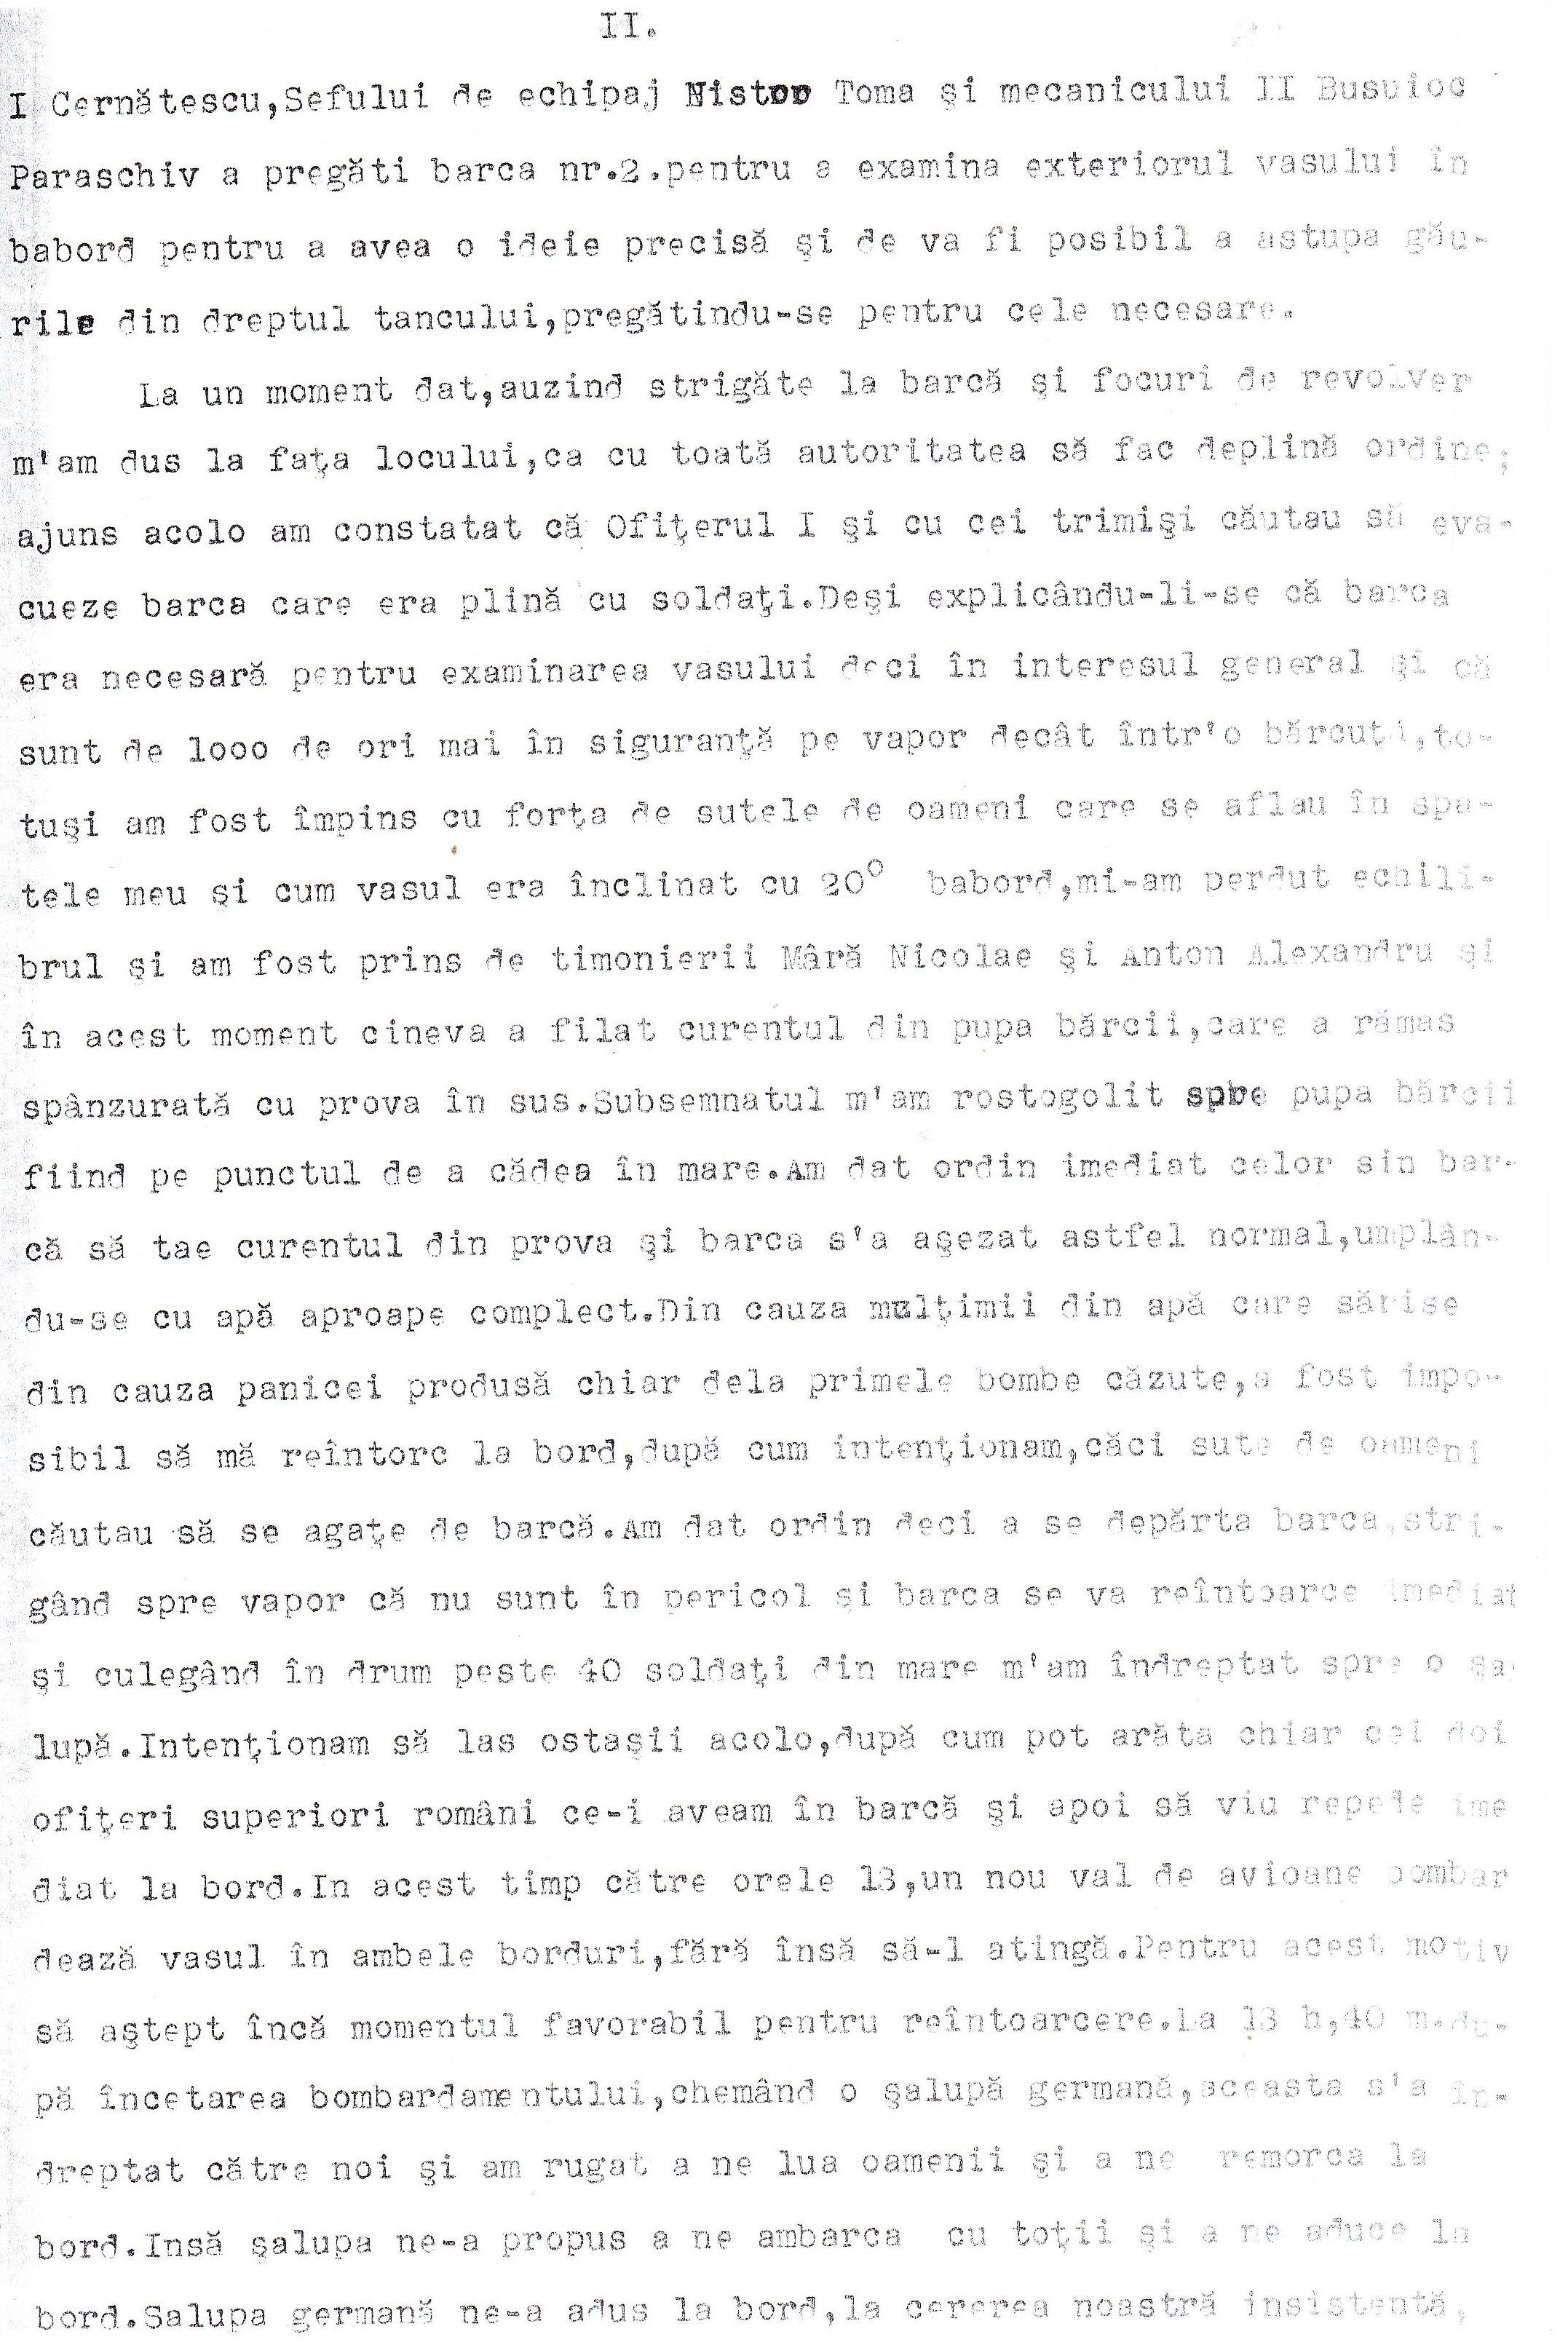 Protestul de Mare depus de căpitanul (r) Mihail Cociaş, comandantul navei «Alba Iulia» (pagina 2).